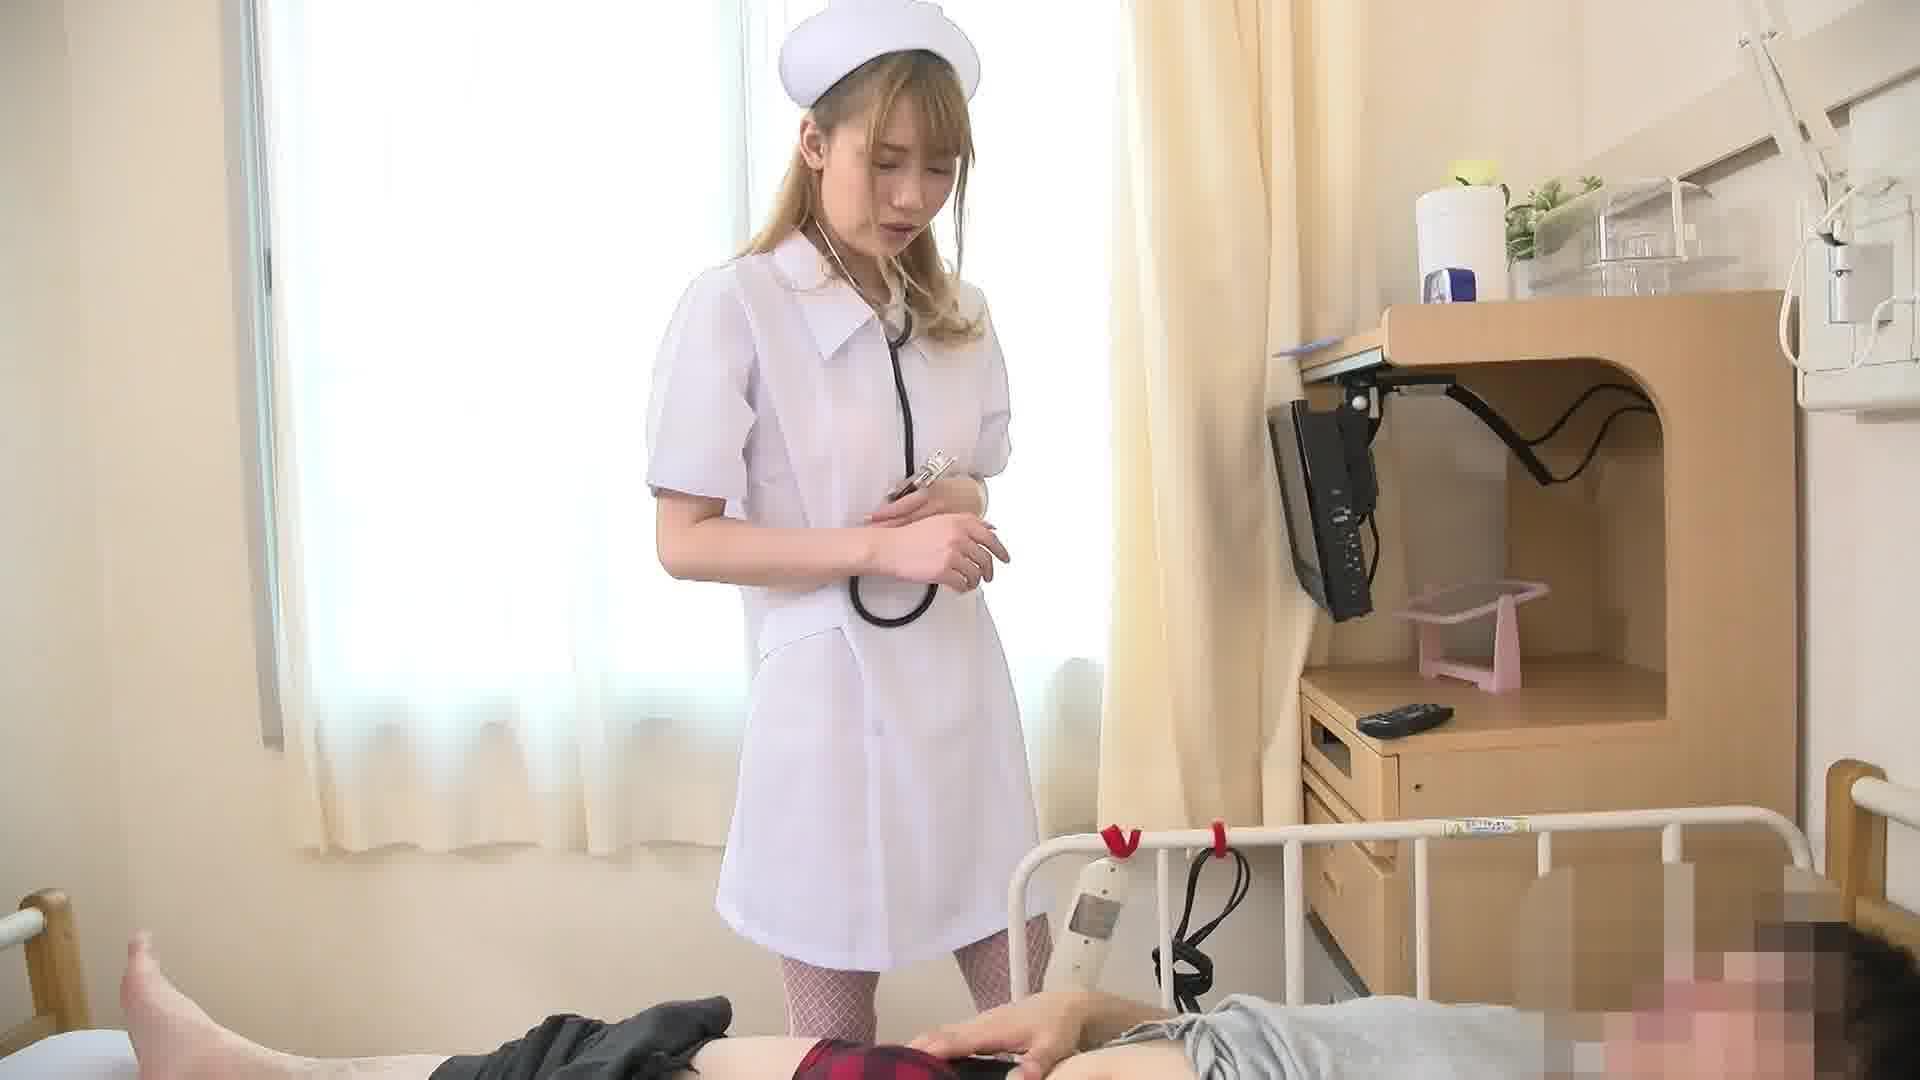 お願いされたら断れないナースのお仕事 〜余分な精子は私がドレーンしてあげます〜 - 如月結衣【看護婦・手コキ・ぶっかけ】